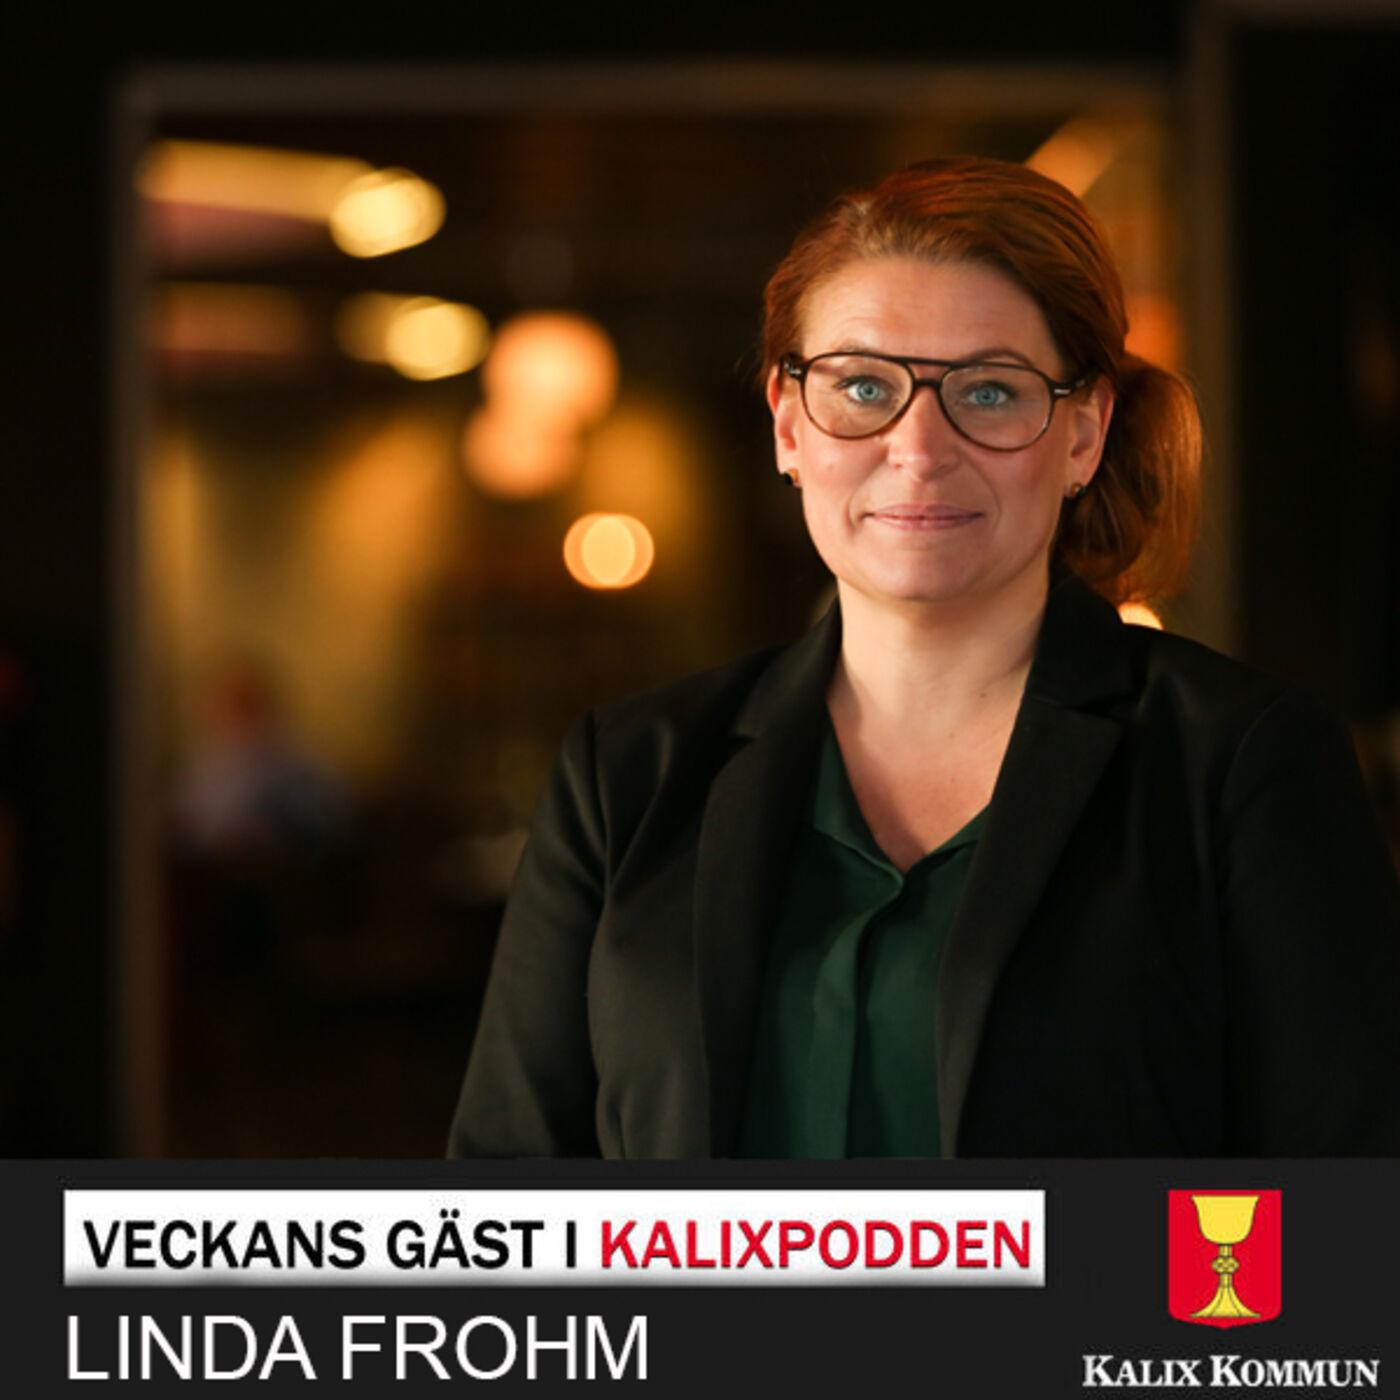 Linda Frohm - Politiker och entreprenör